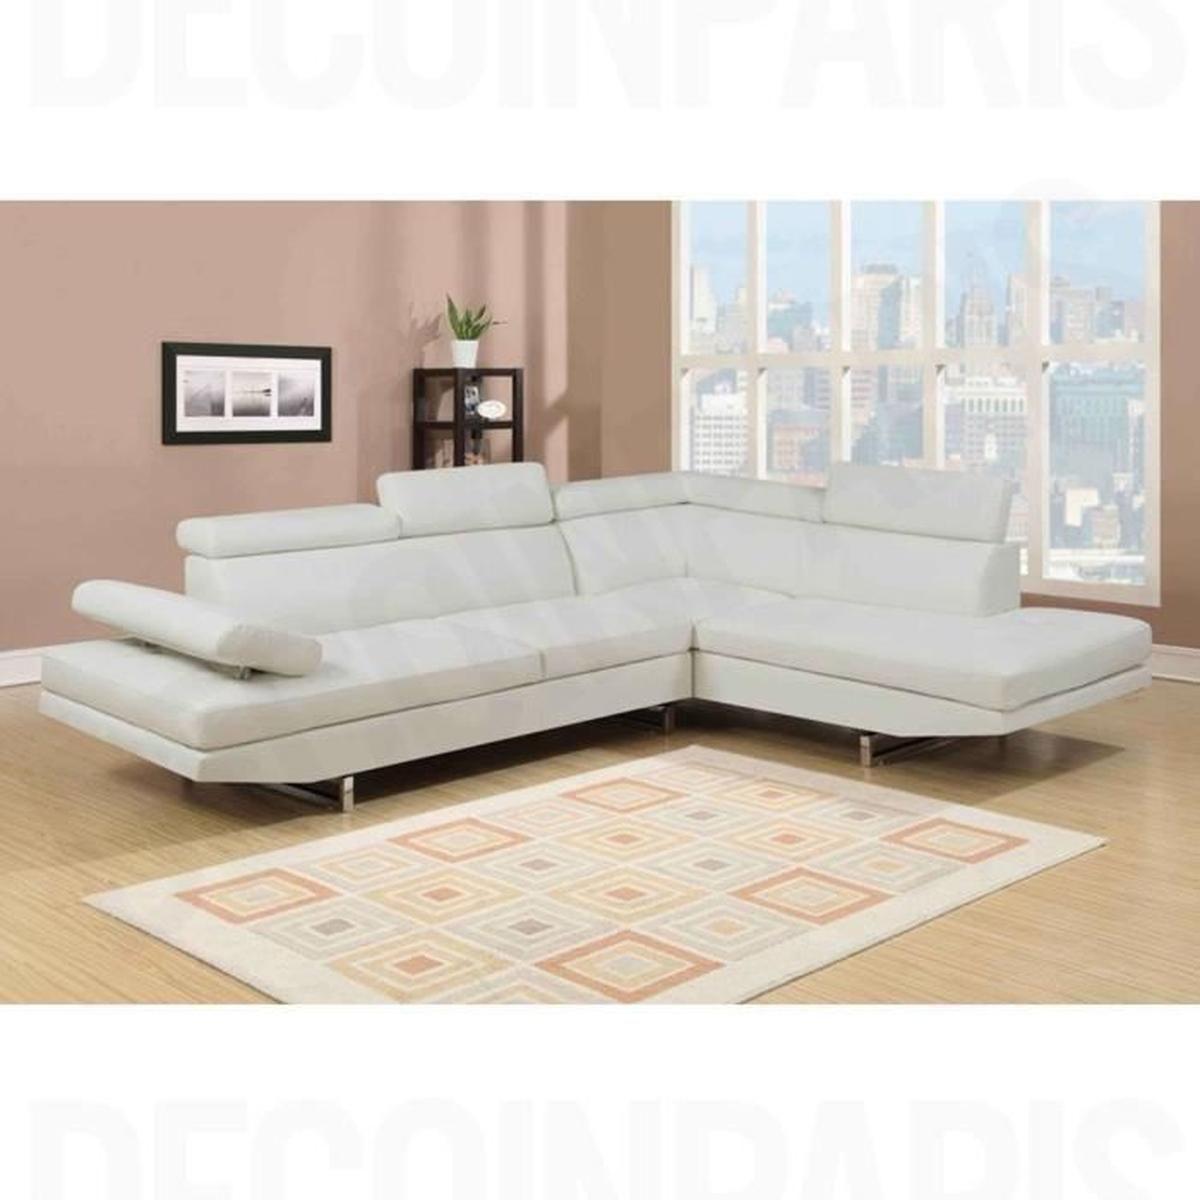 Canapé Design En Tissu Blanc Angle Droit Rubic - Achat ... avec Acheter Canape D Angle